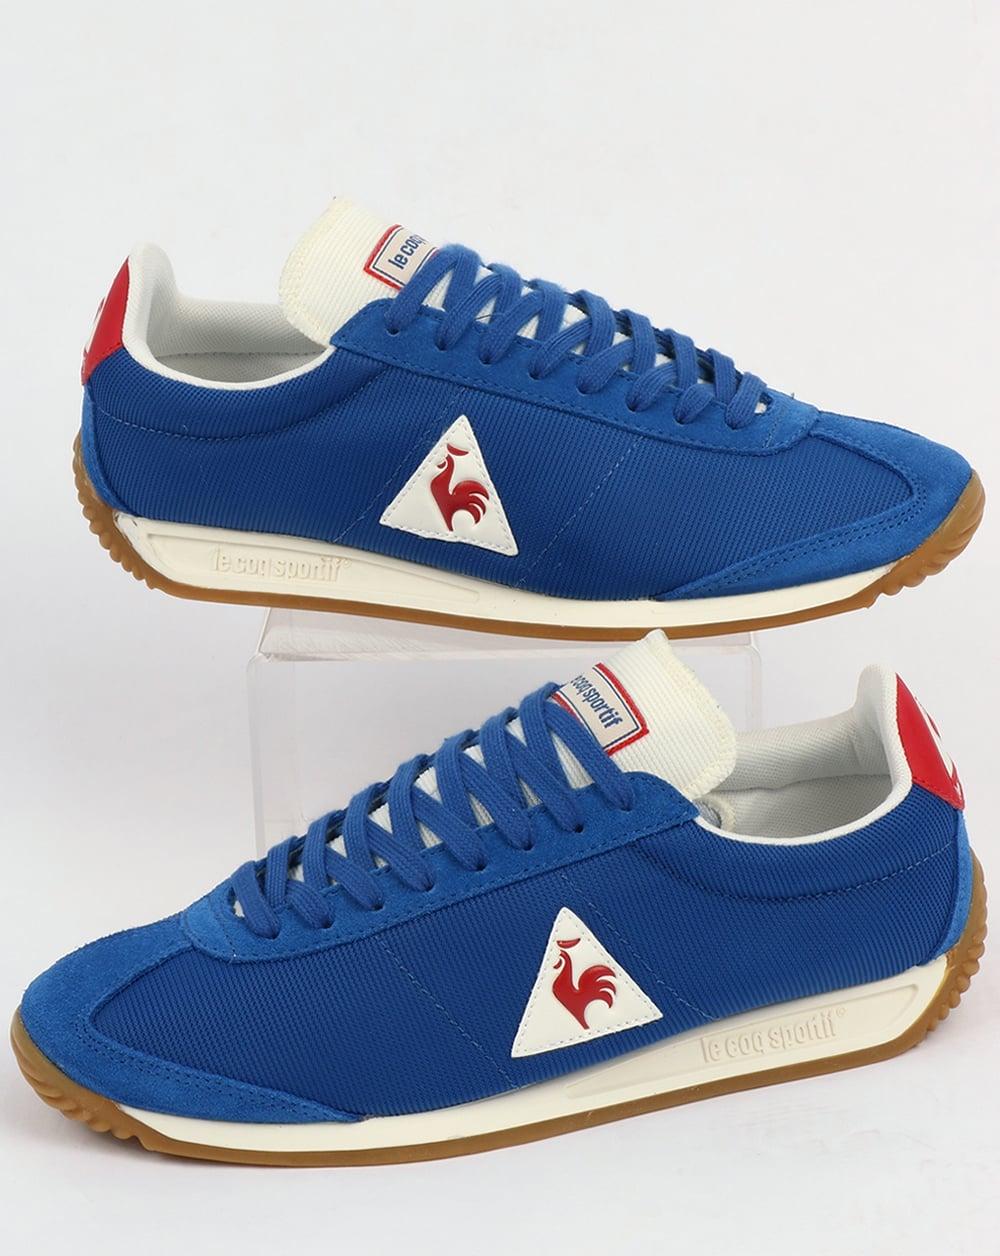 e36af5c988b Le Coq Sportif Quartz Gum Trainers Royal Blue,shoes,